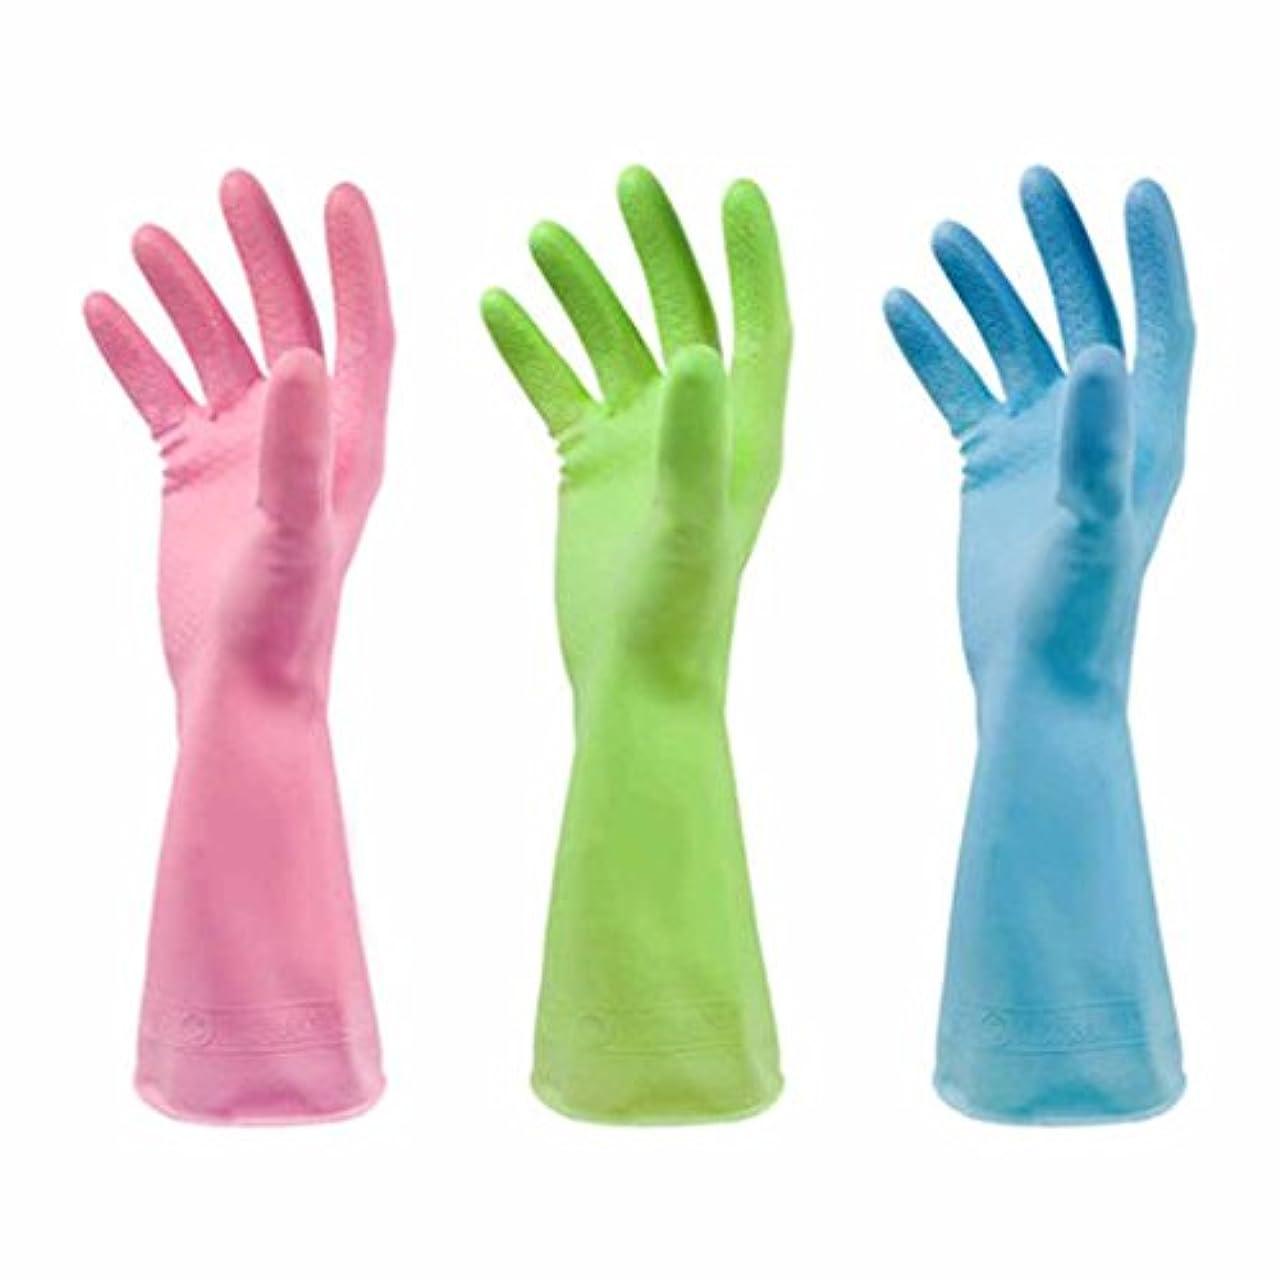 疑わしい先行するボトル使い捨て手袋 PVC滑り止め耐久手袋キッチン多機能防水油手袋 (Size : S)